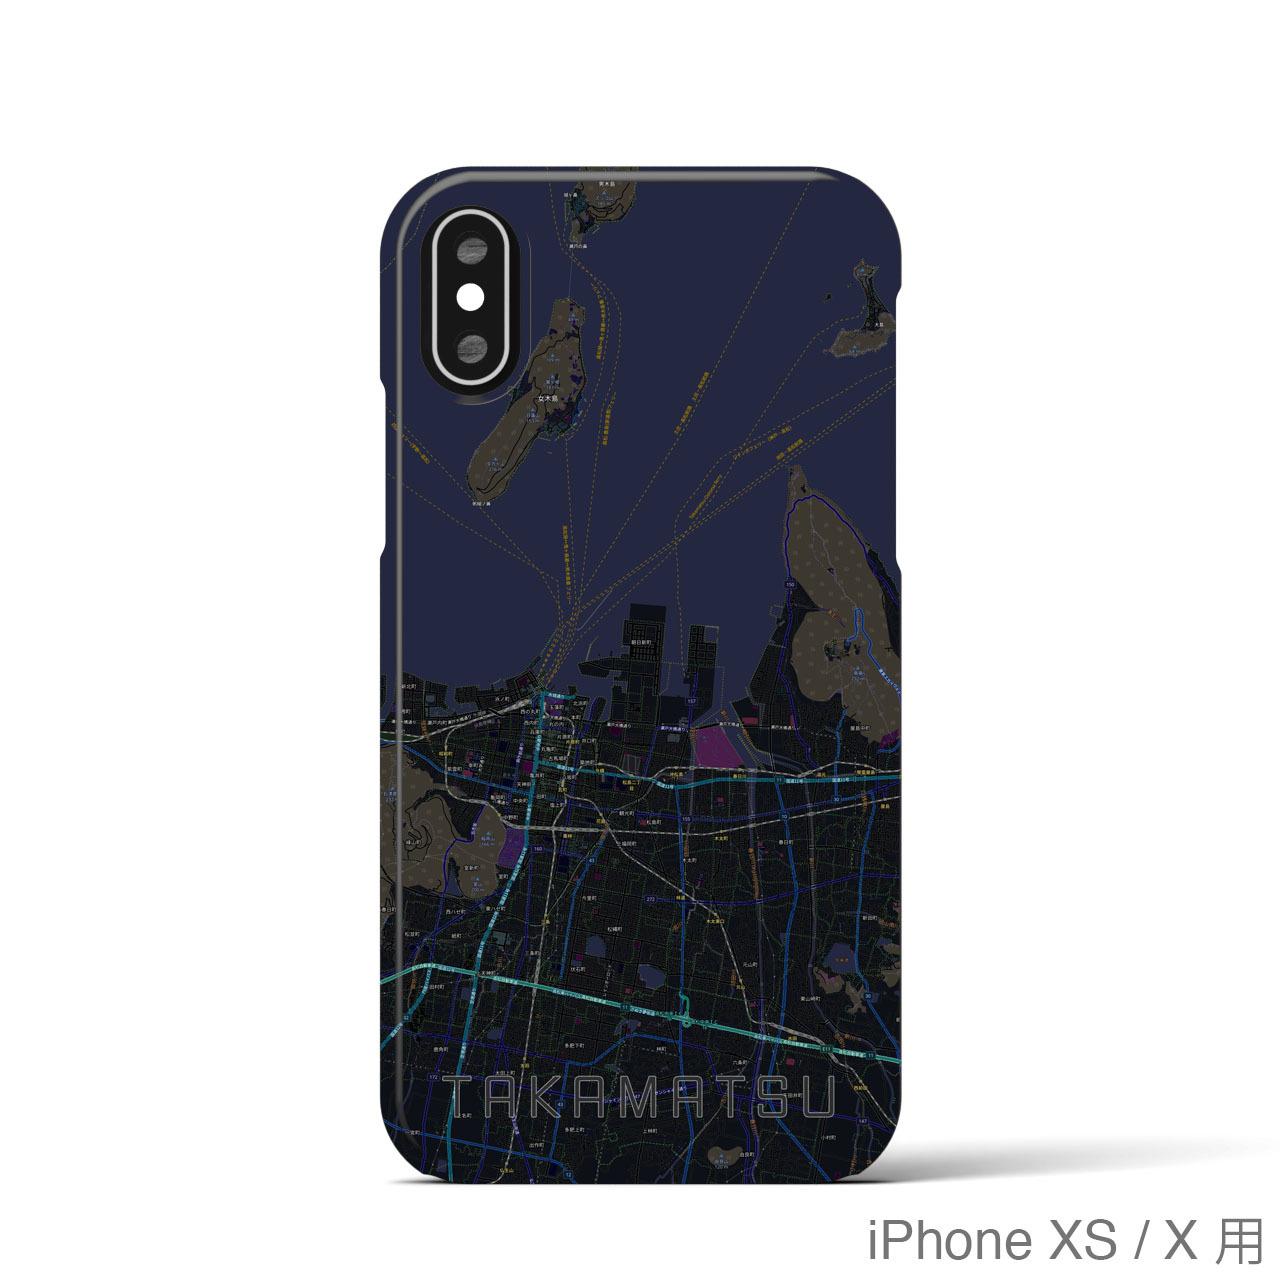 【高松】地図柄iPhoneケース(バックカバータイプ・ブラック)